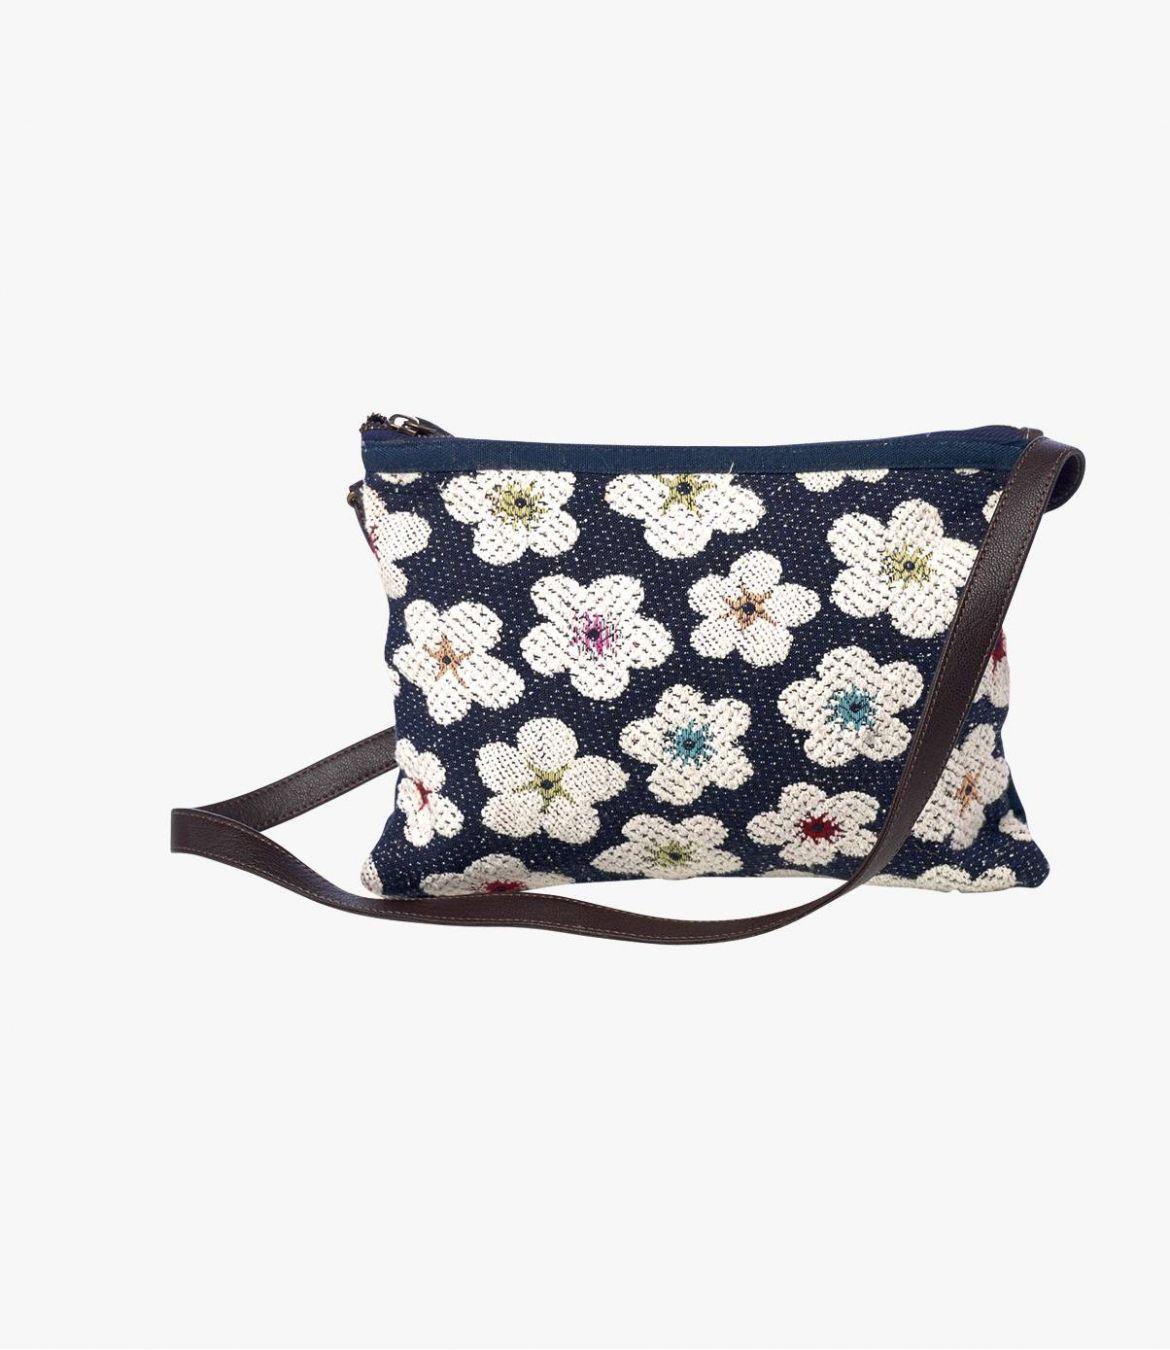 SUZY POPPY Pochette en Polyester, Polyamide, Coton, Cuir pour Femme 20 x 28 cm - 1